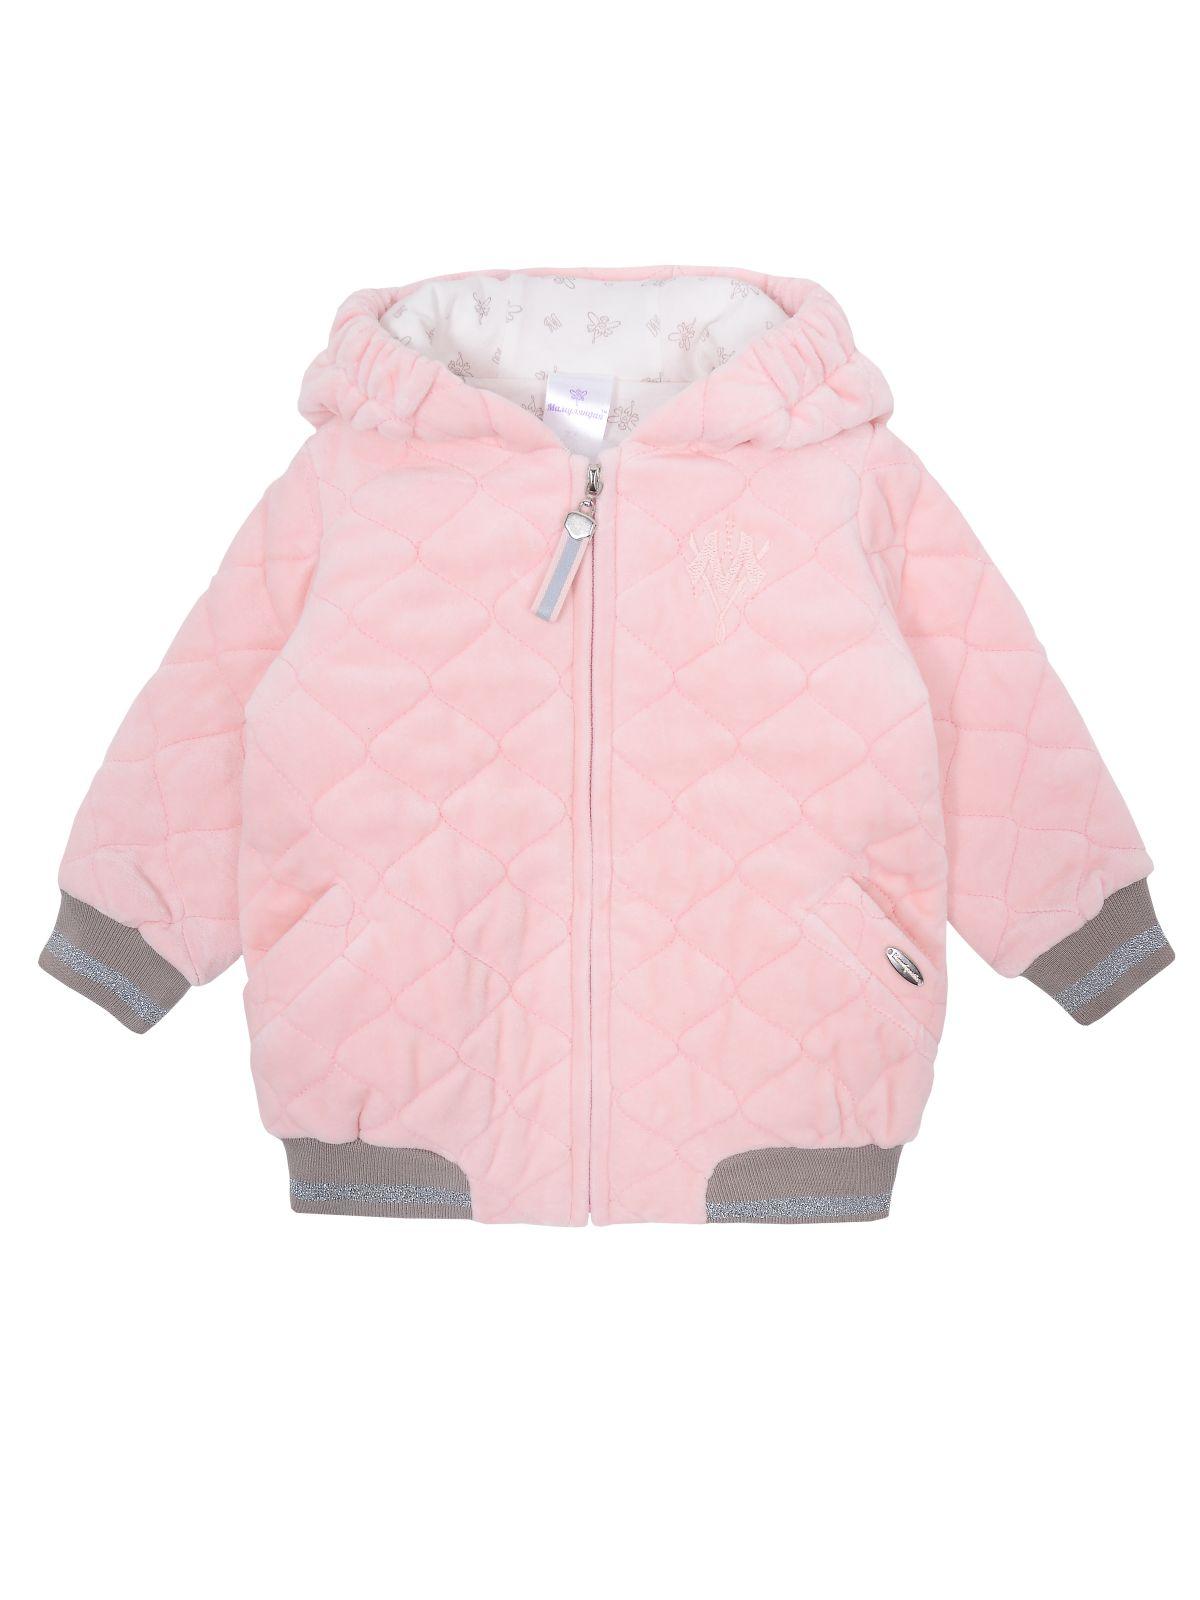 Куртка для девочки Мамуляндия 19-508, Велюр, Розовый р. 86